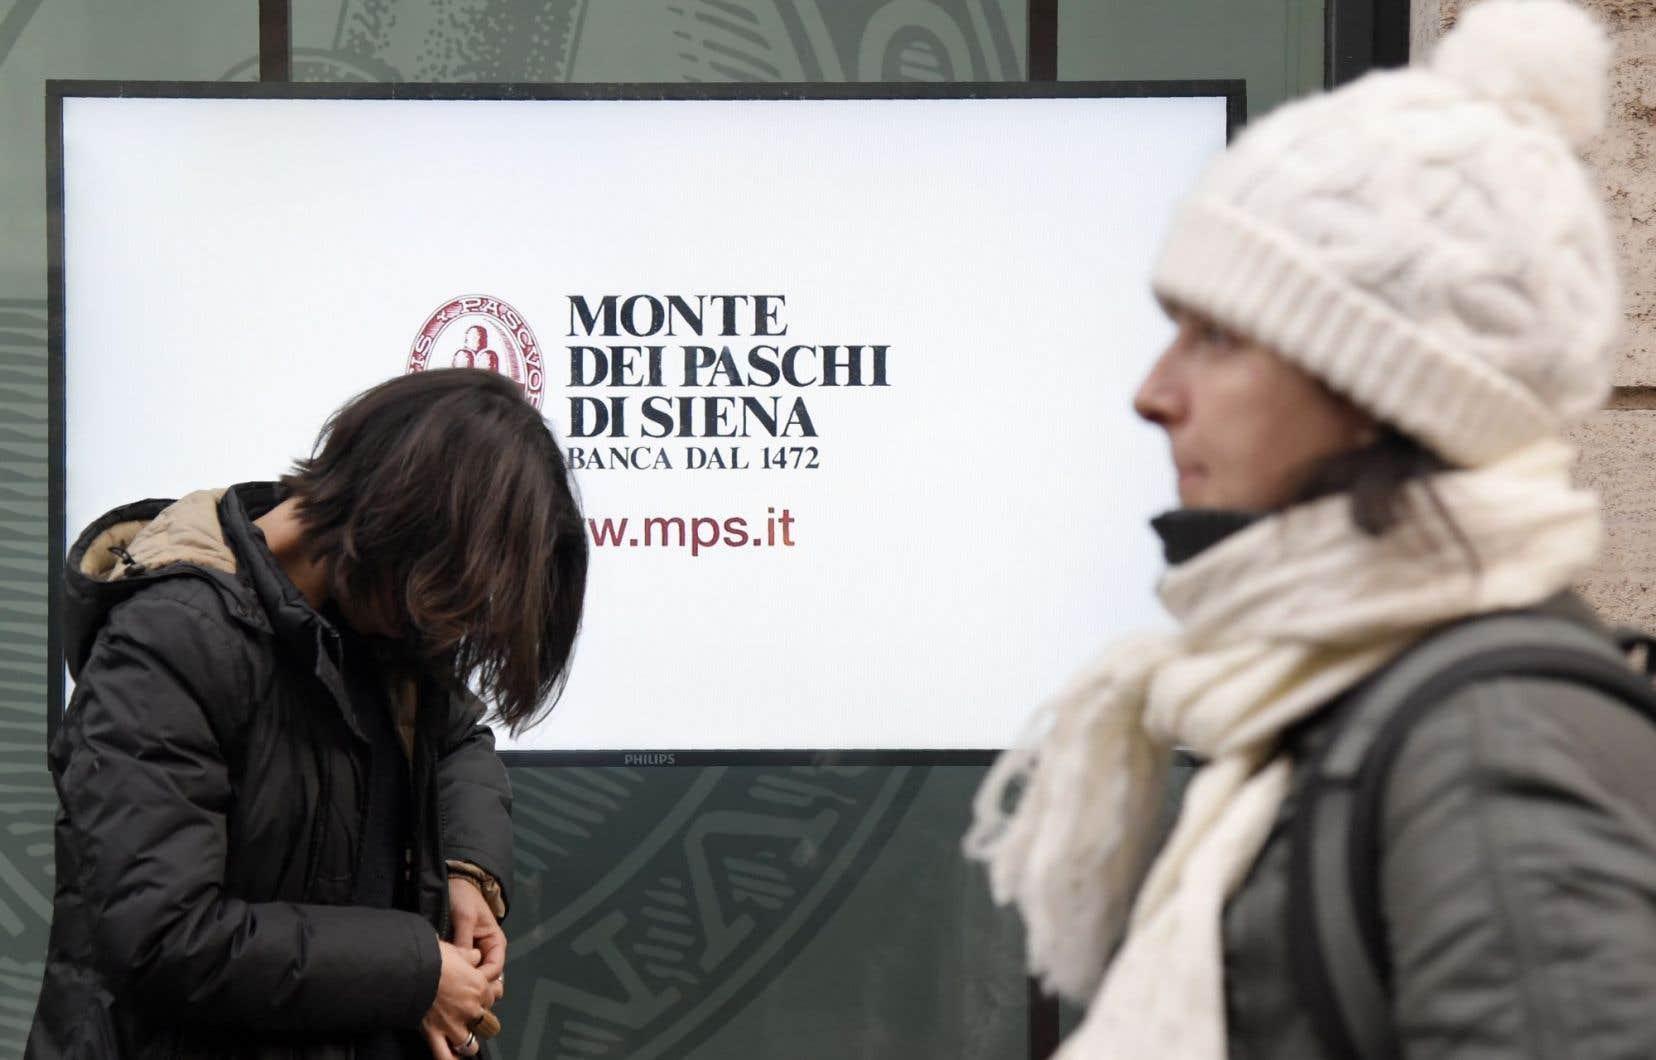 La Monte, symbole de la crise bancaire en Italie, a affiché les pires résultats aux tests de résistance publiés fin juillet par l'Autorité bancaire européenne.